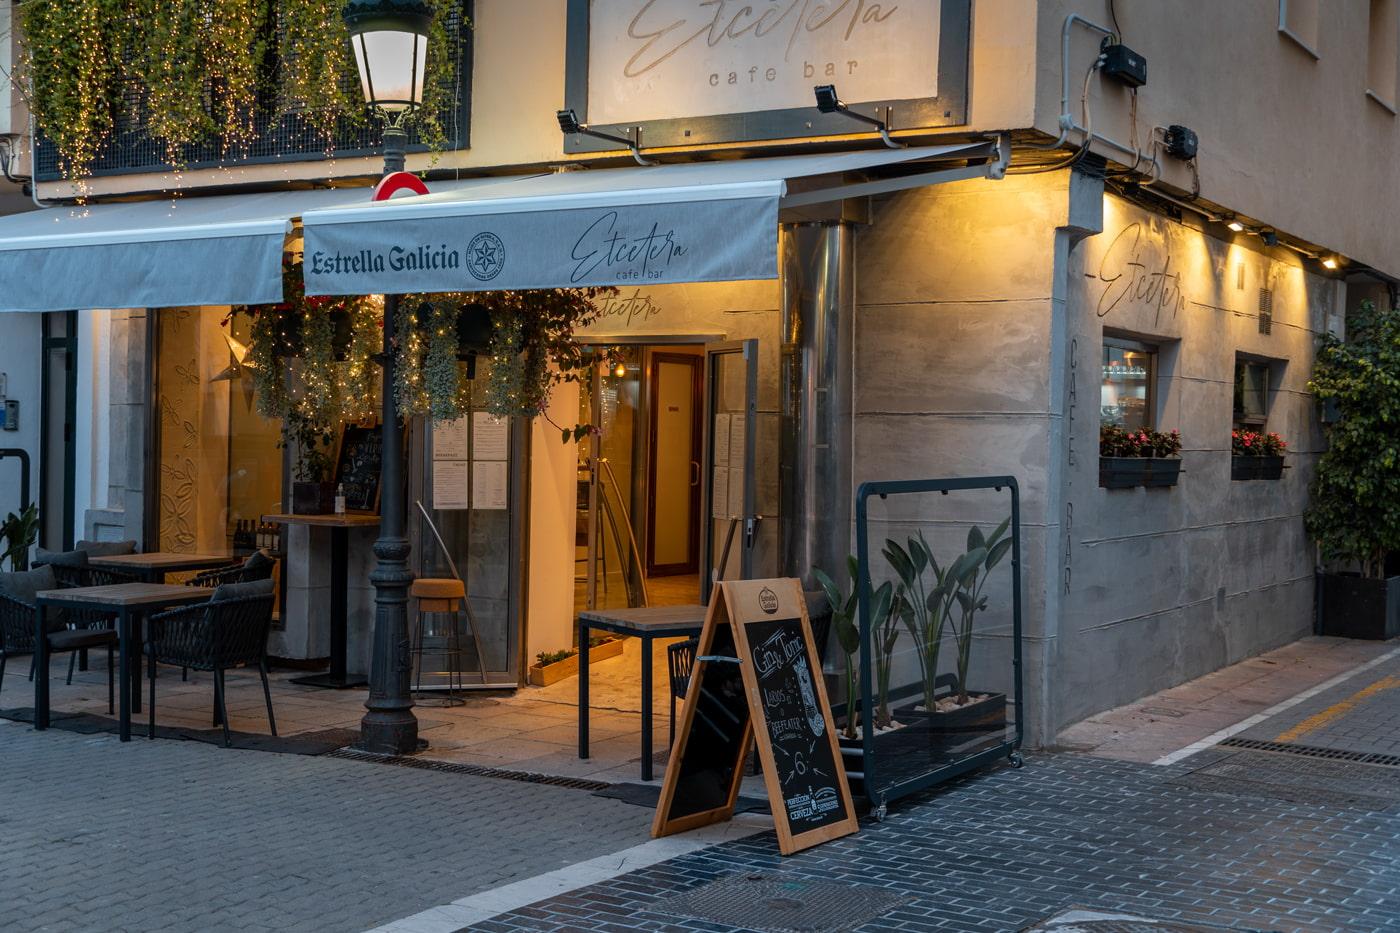 Etcetera Cafe Bar, Estepona